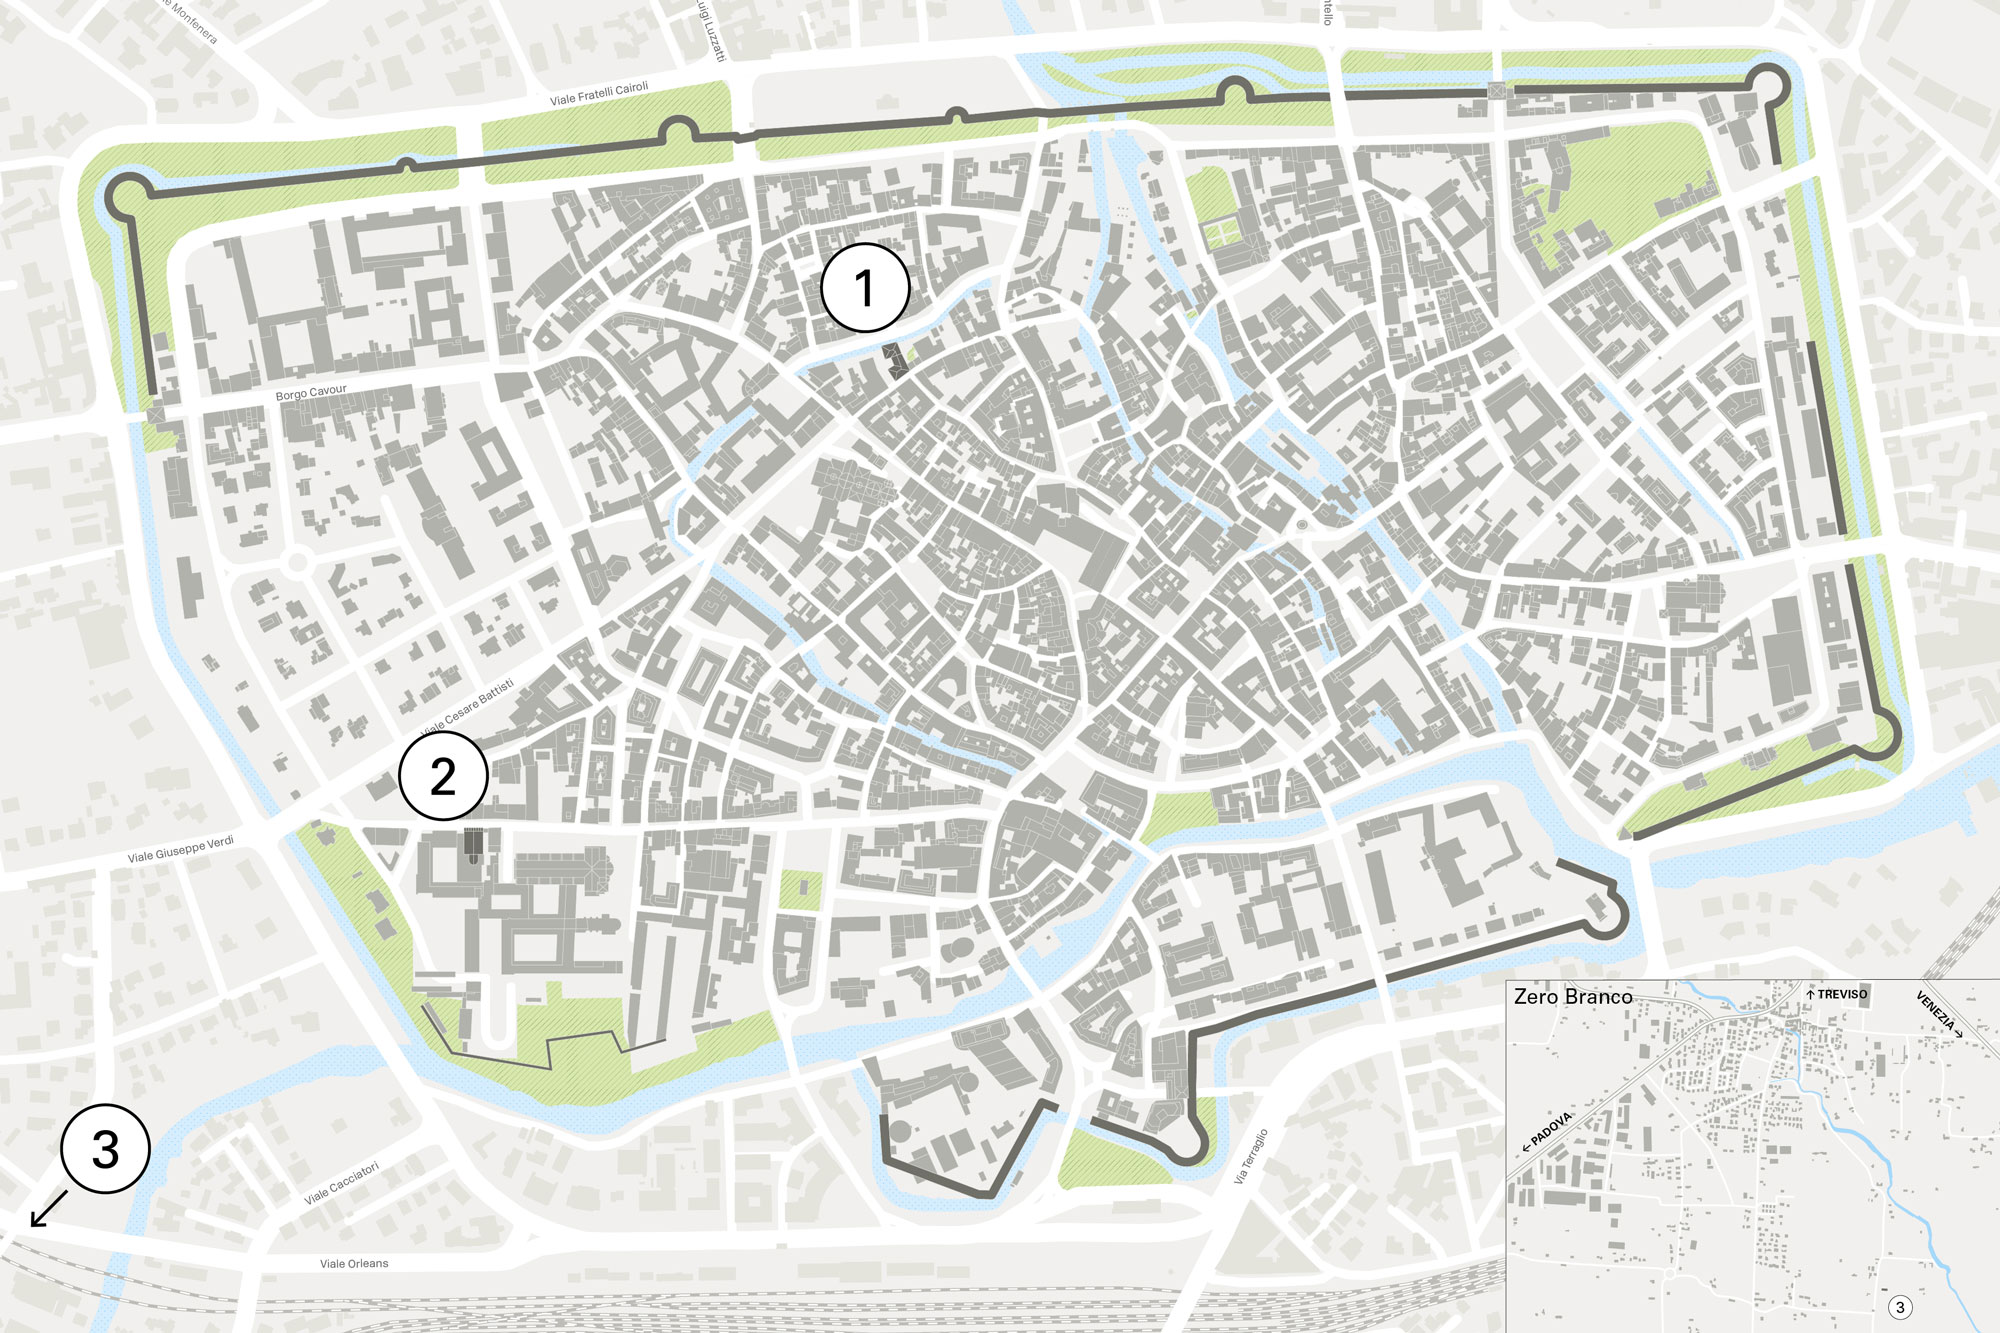 Culturae - Mappa di Treviso